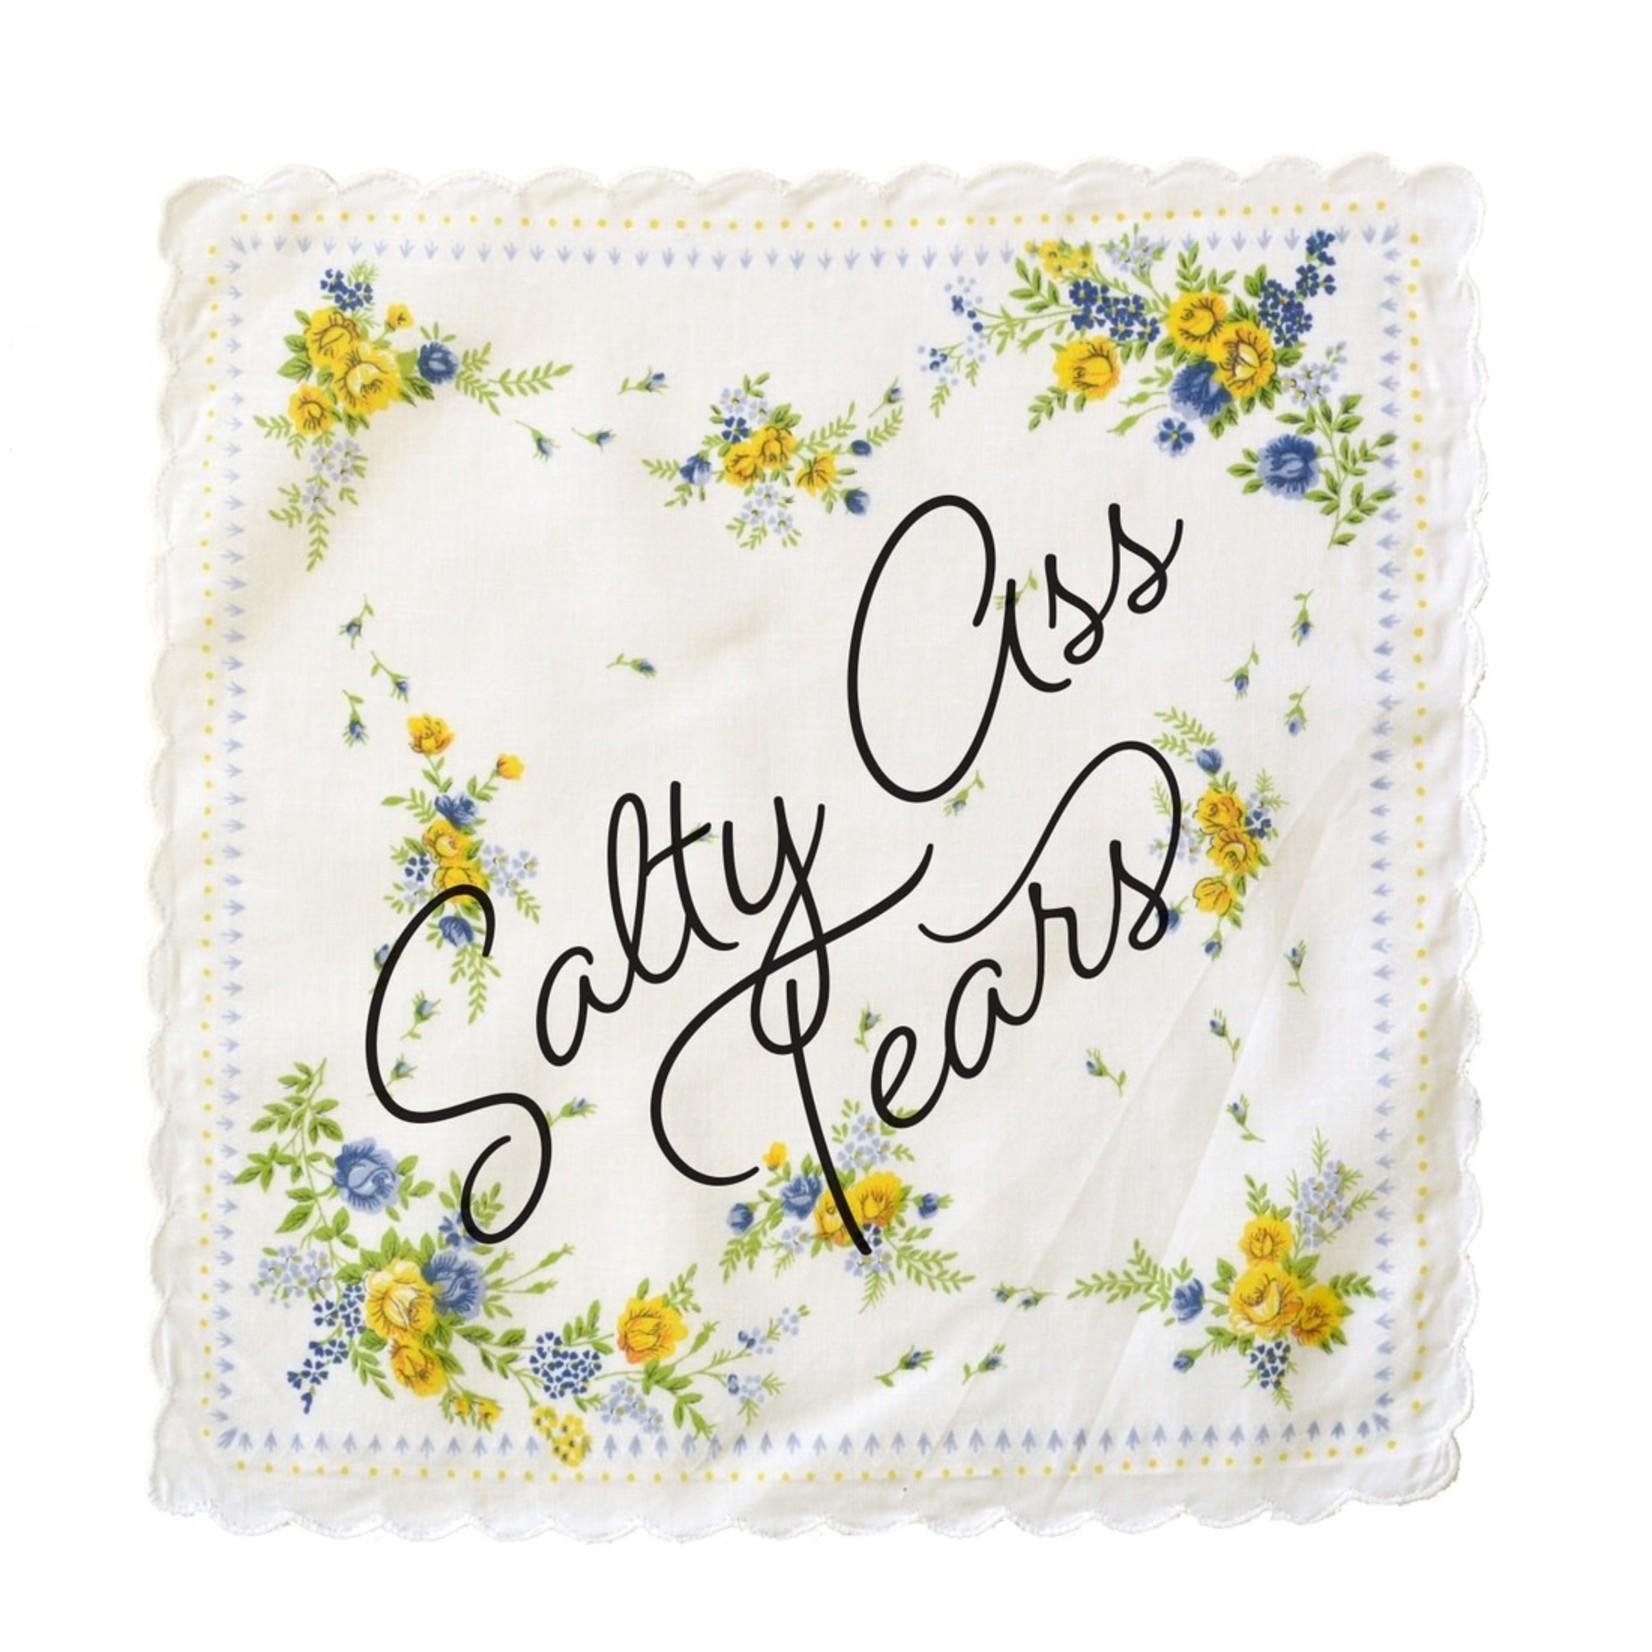 Handkerchief - Salty Ass Tears